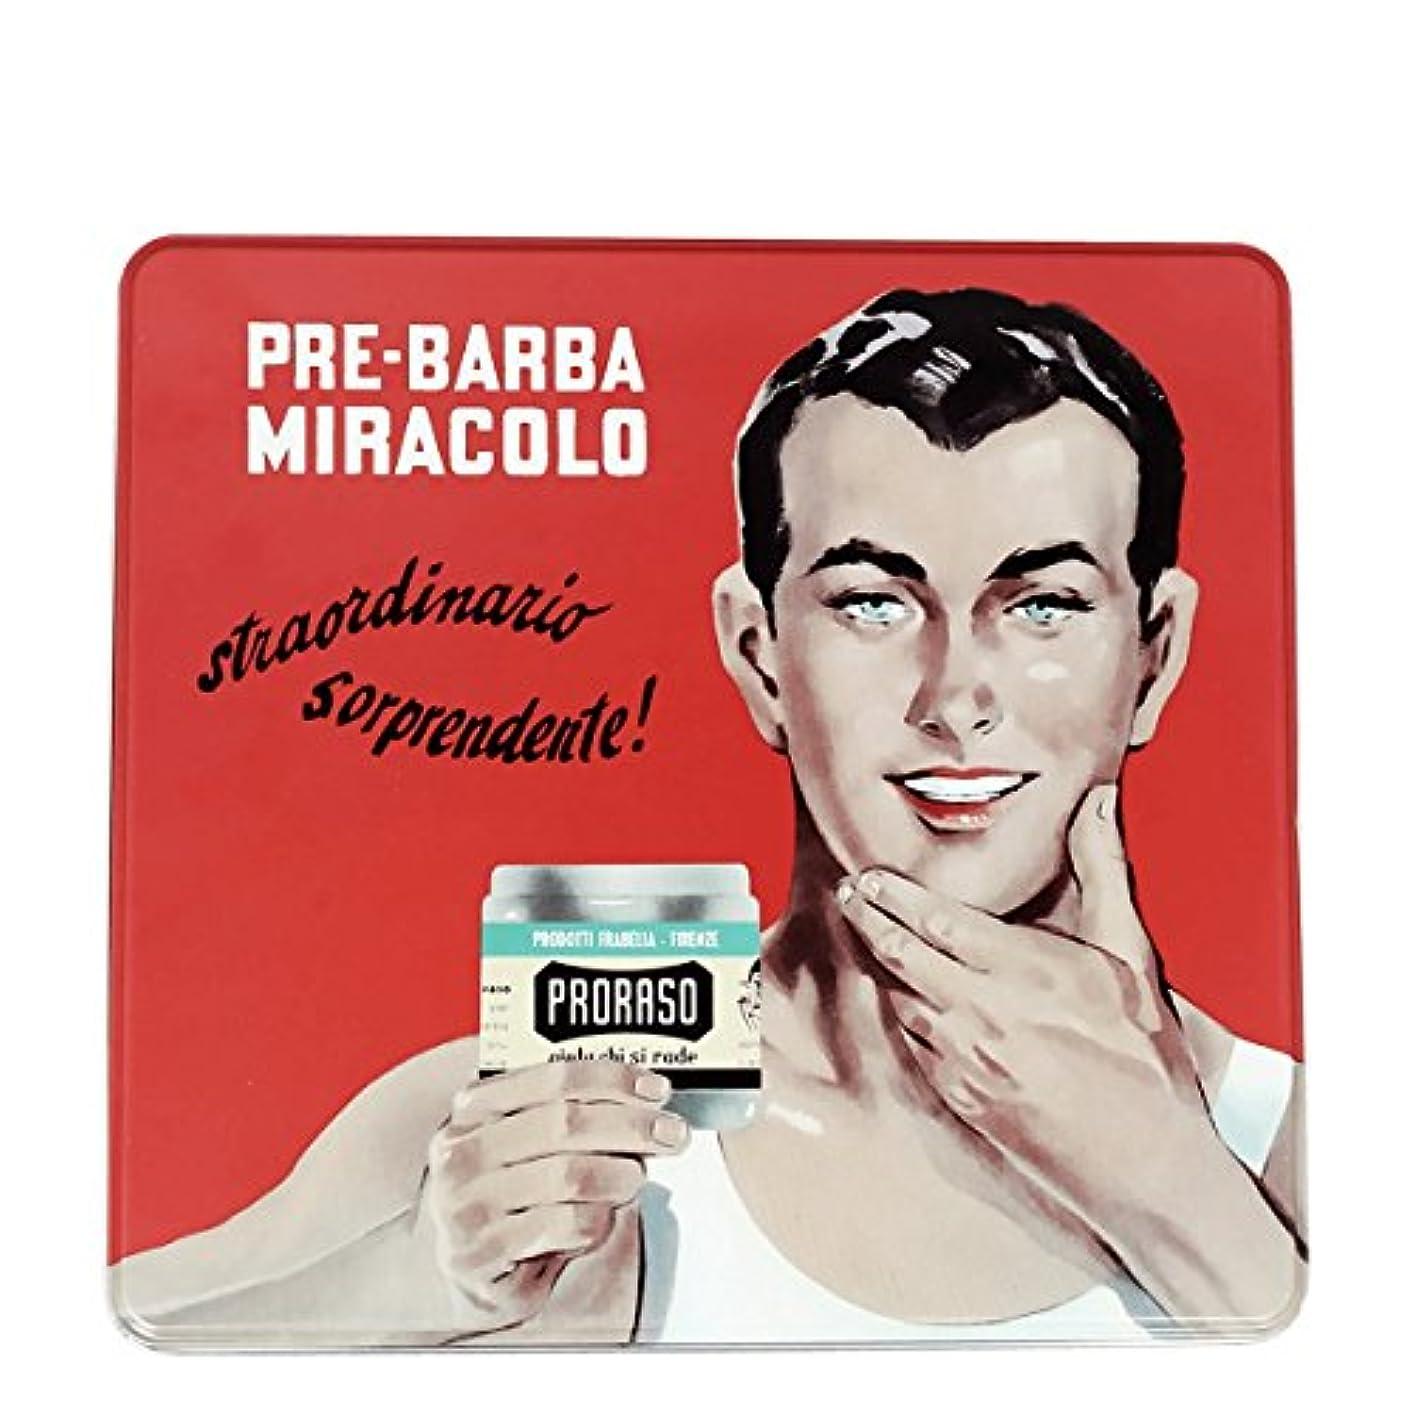 思慮のない正規化ばかげたProraso ジーノ ヴィンテージ リフレッシュ セレクション 缶[海外直送品] [並行輸入品]